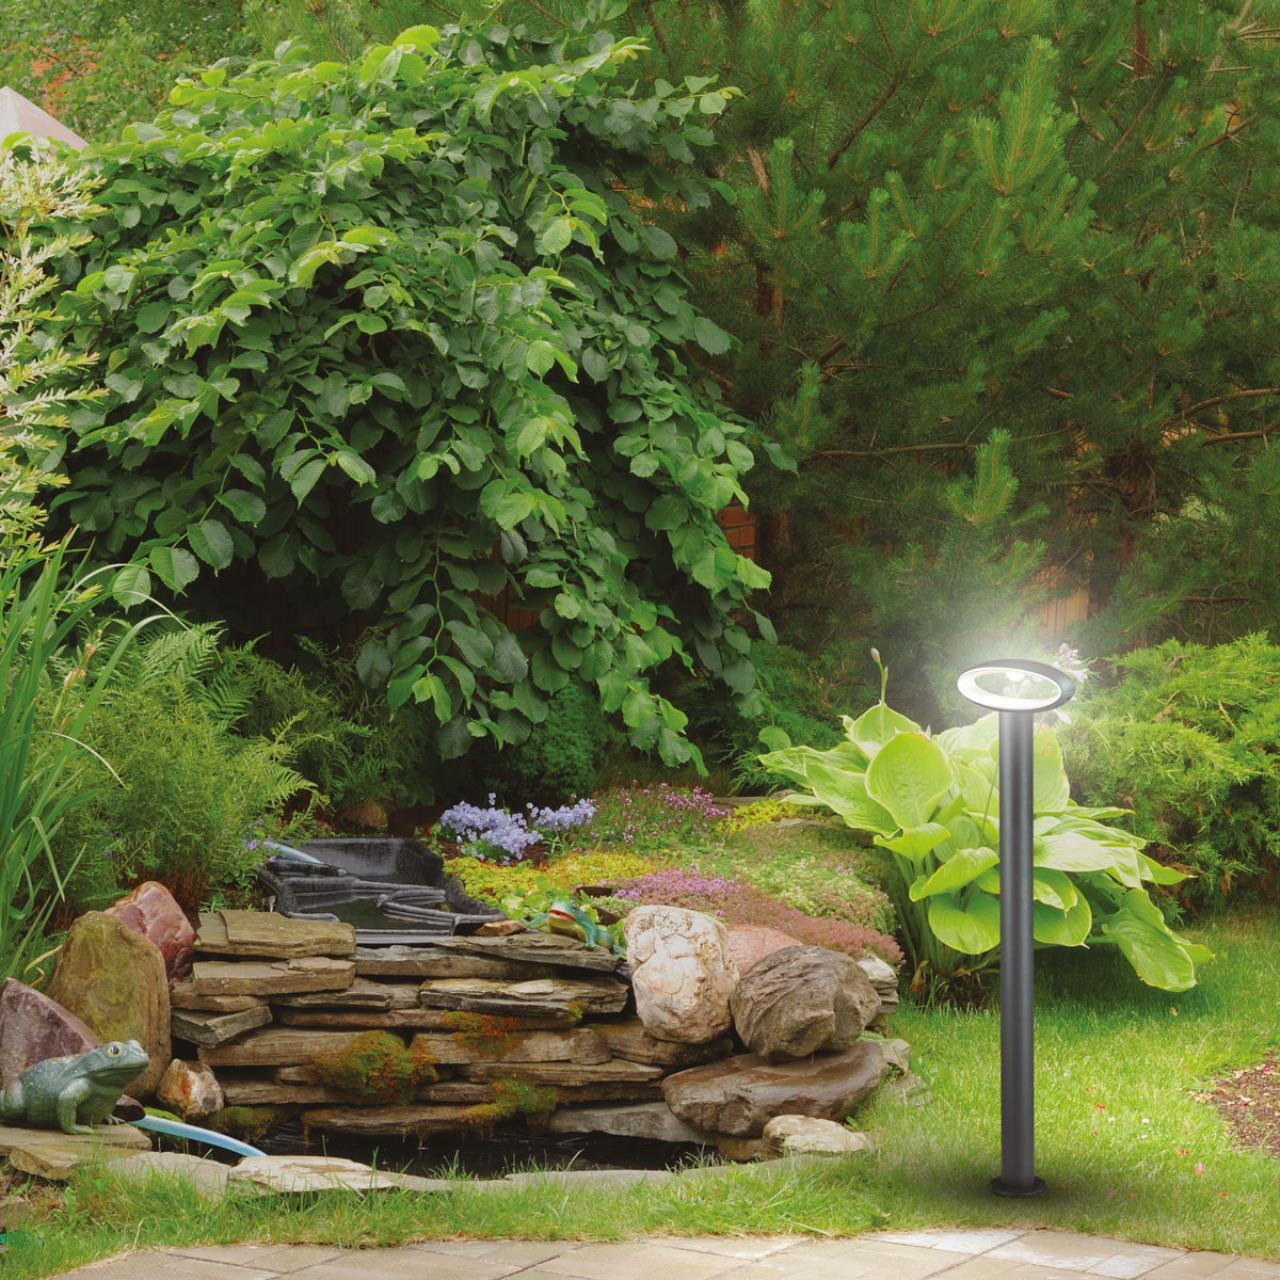 Садово-парковый светодиодный светильник Novotech Kaimas 357406, IP54, LED 7,2W 3000K 390lm, серый, металл, пластик - фото 3